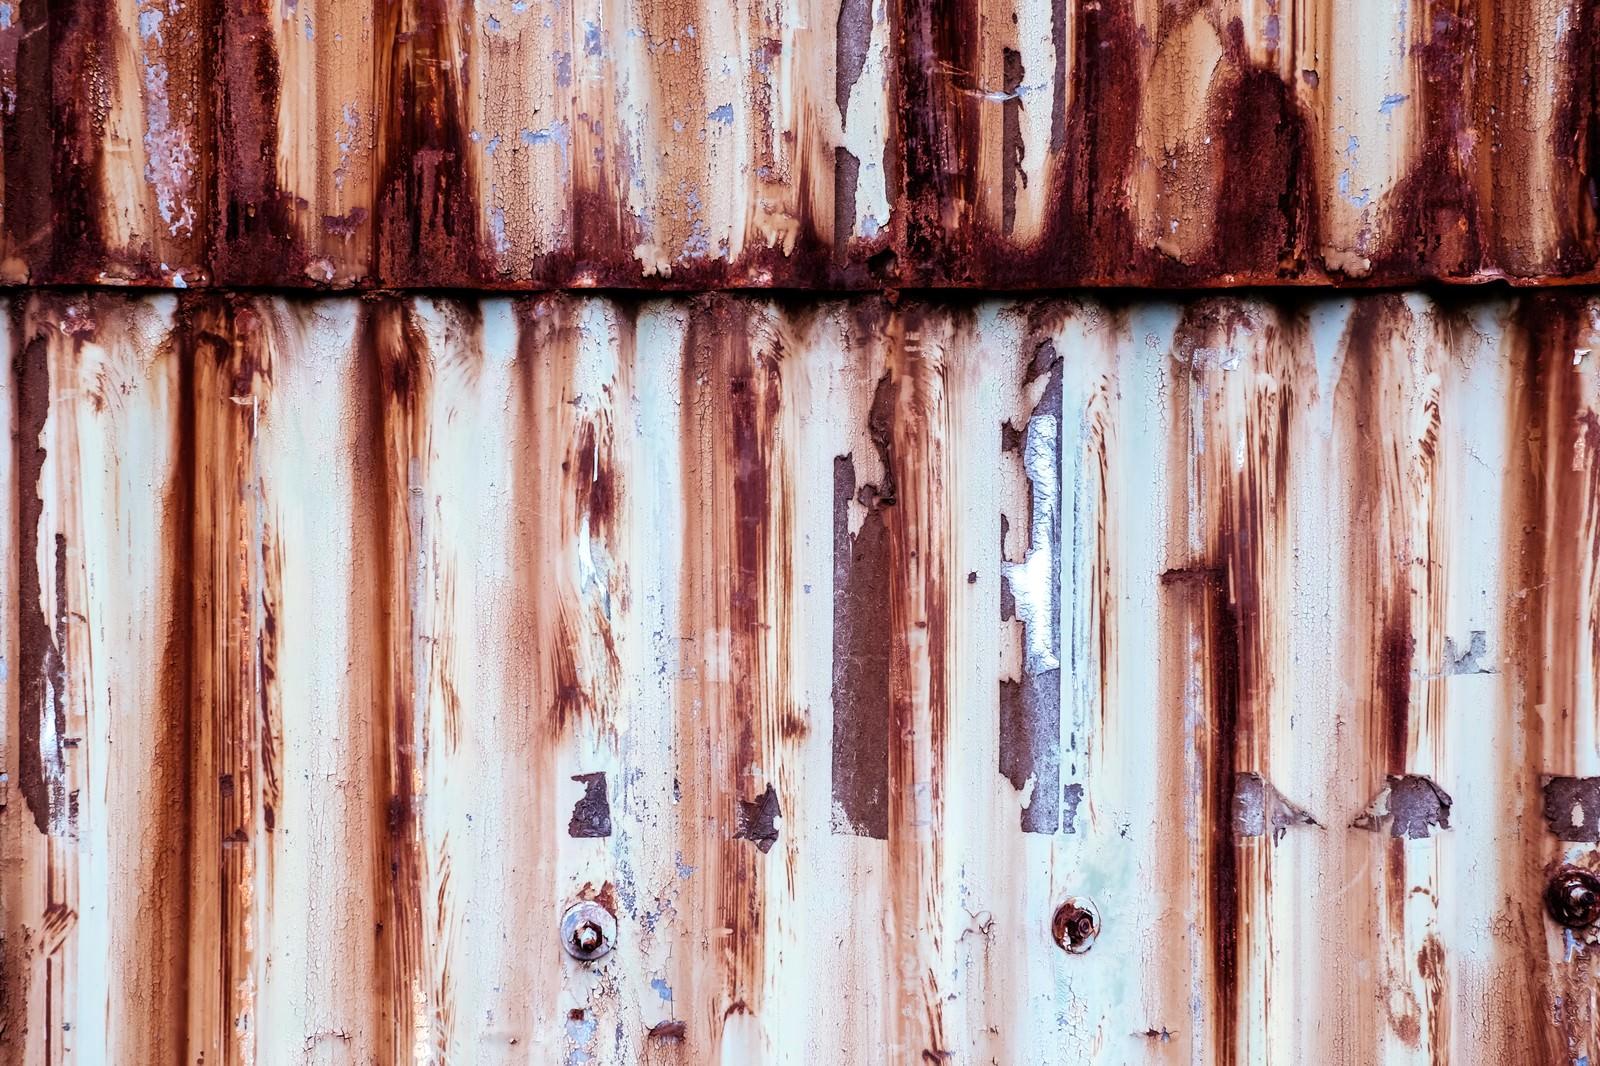 「茶色くサビたトタンのテクスチャー茶色くサビたトタンのテクスチャー」のフリー写真素材を拡大